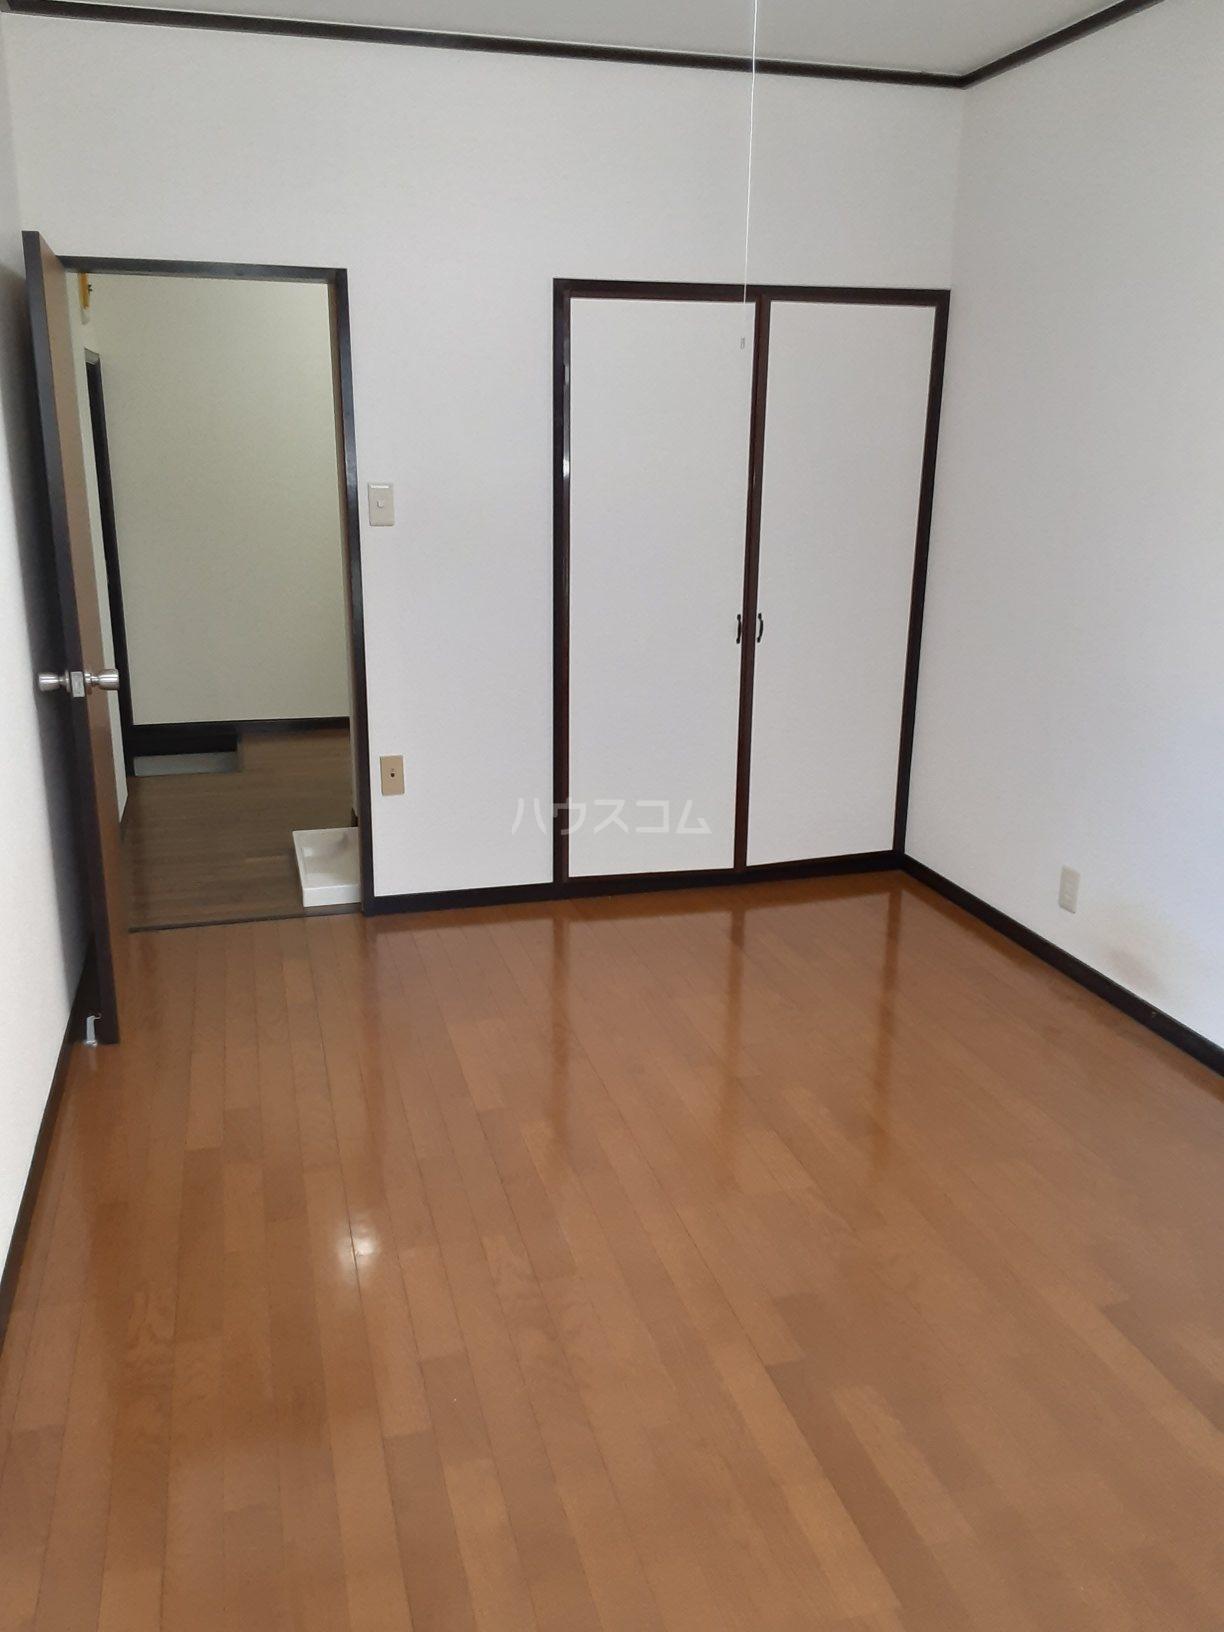 ストークハイツ田口 103号室のバルコニー